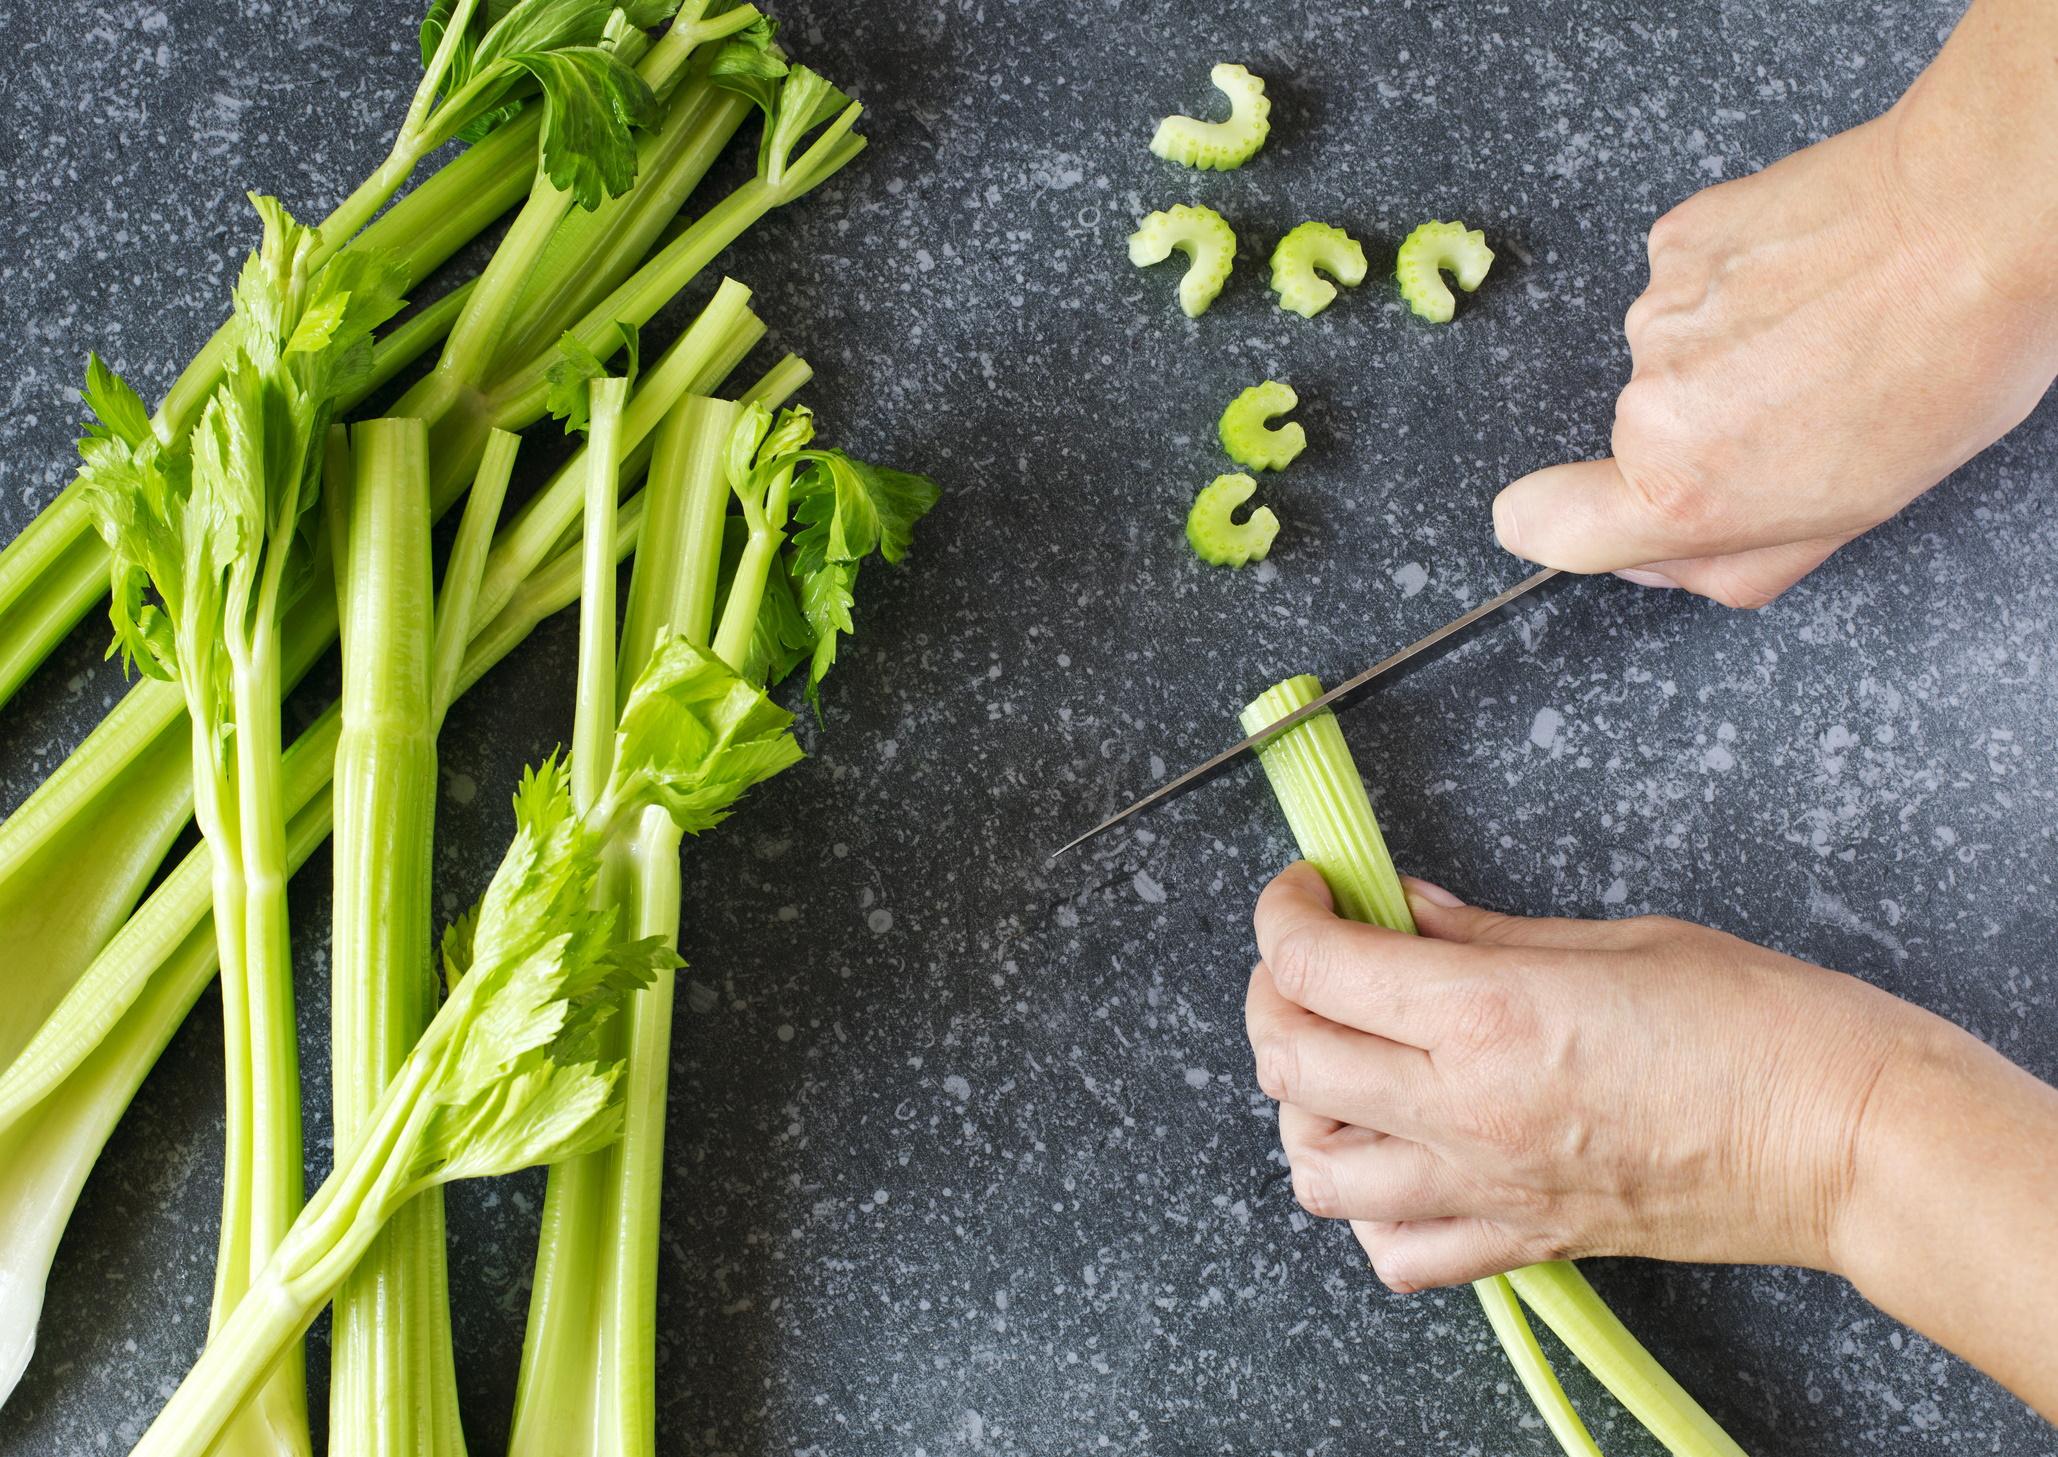 <p><strong>Целина</strong></p>  <p>Антиоксидантният ефект на целината също се повишава при готвене, но само при печене, пържене, обработка в микровълнова фурна и в тенджера под налягане. При варене губи 14% от антиоксидантната си активност.</p>